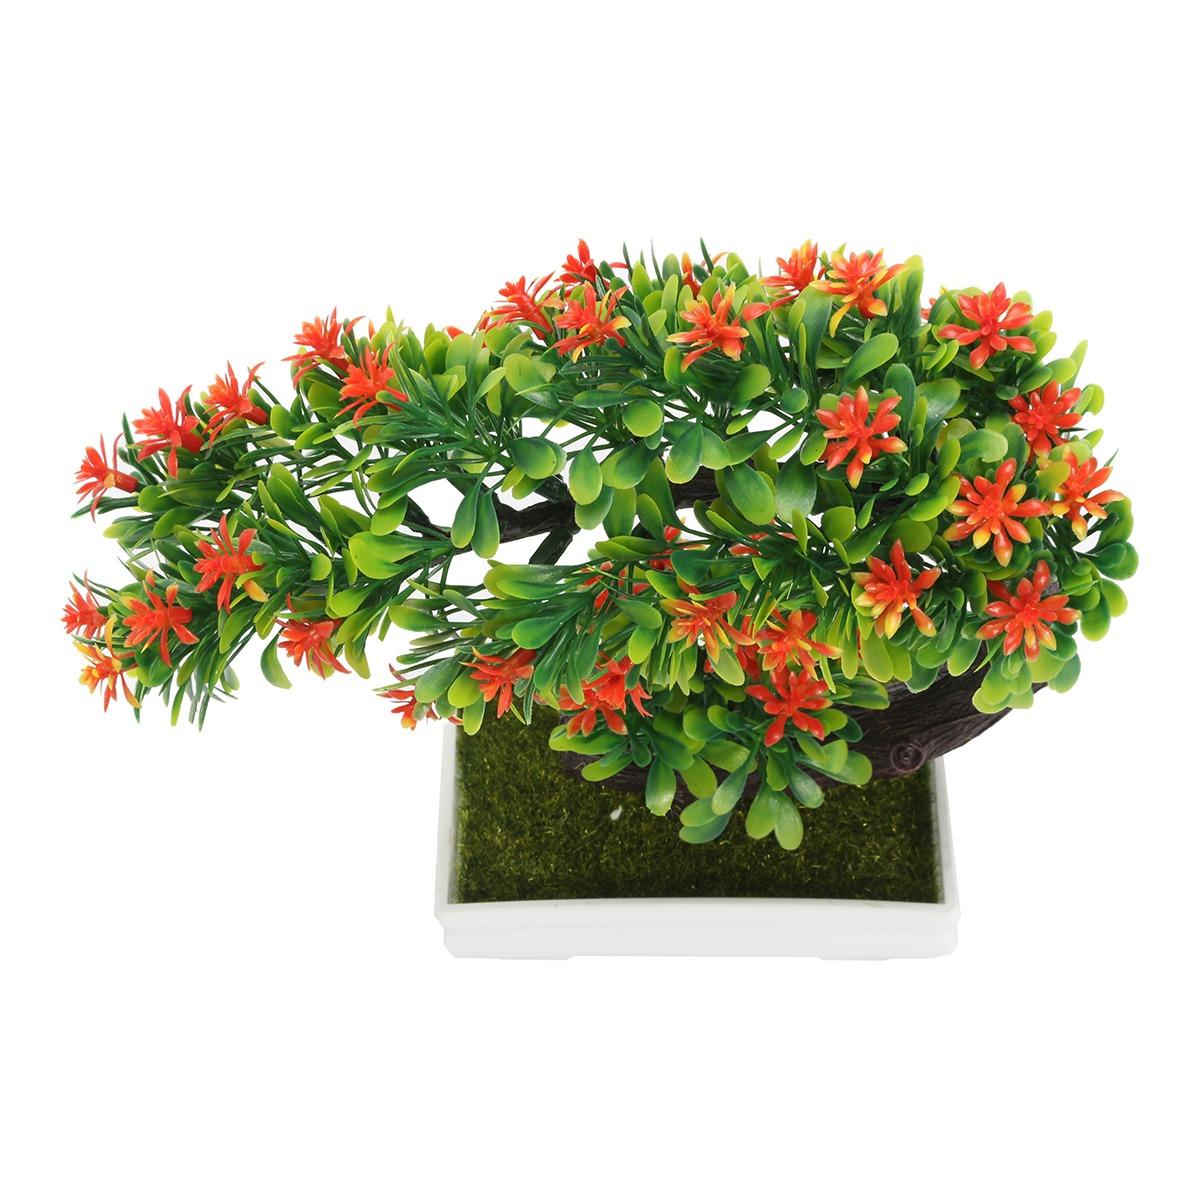 Olla Planta Artificial Decoración de árbol Bonsai Hogar Oficina Con Ventana Jardín